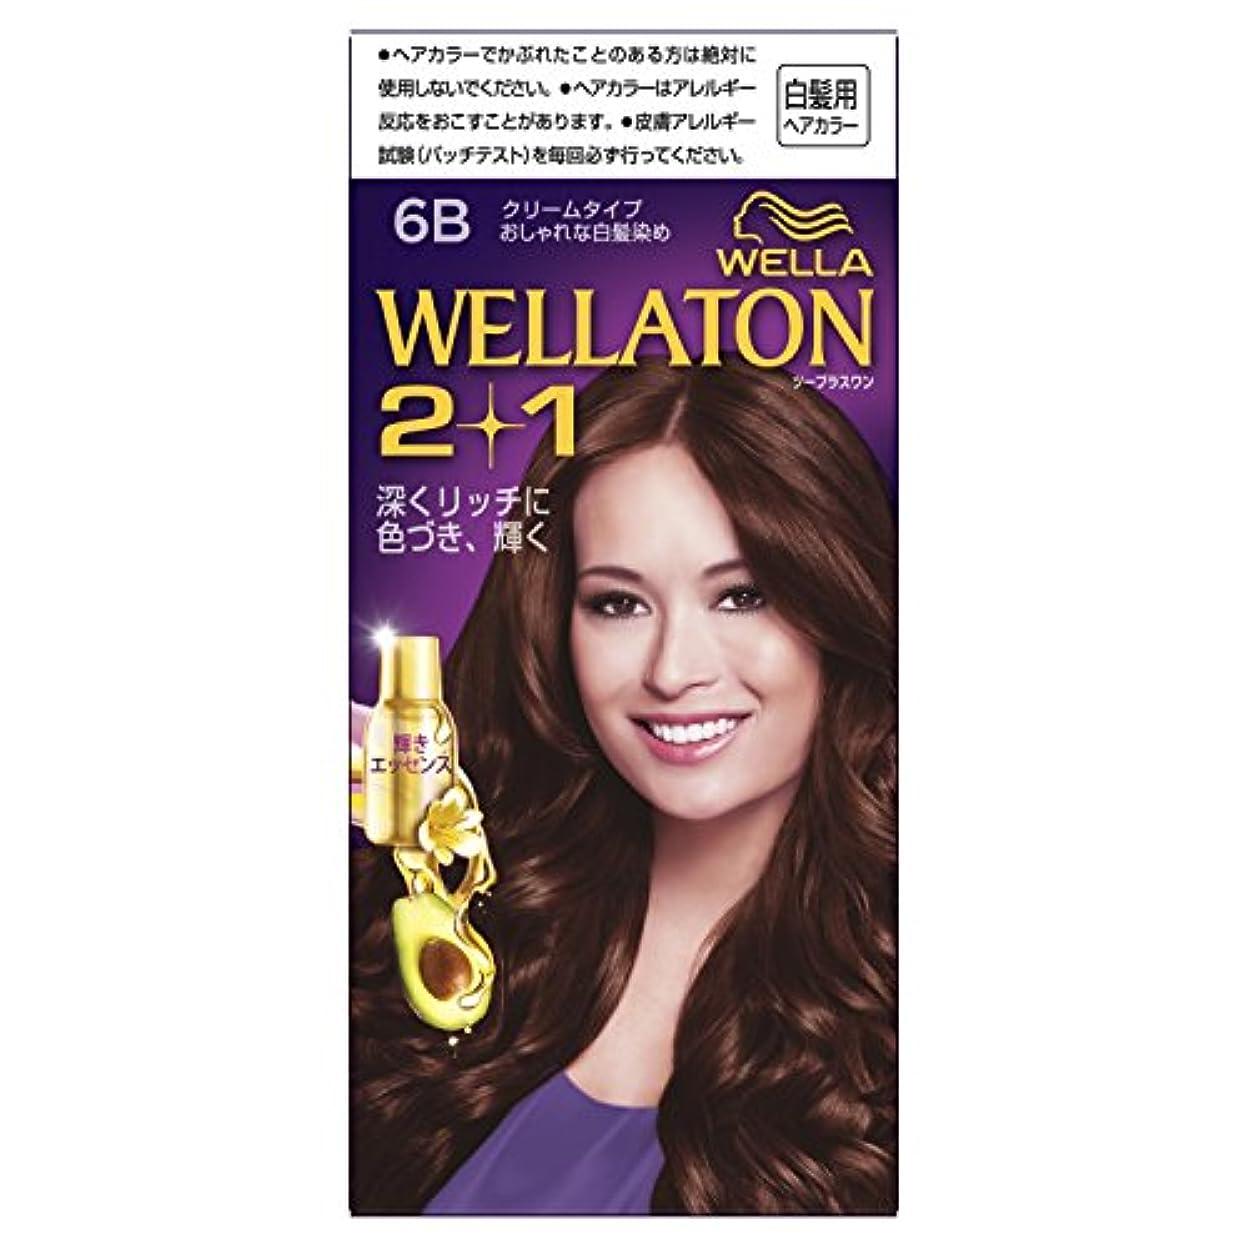 オーストラリア代数的一杯ウエラトーン2+1 クリームタイプ 6B [医薬部外品](おしゃれな白髪染め)